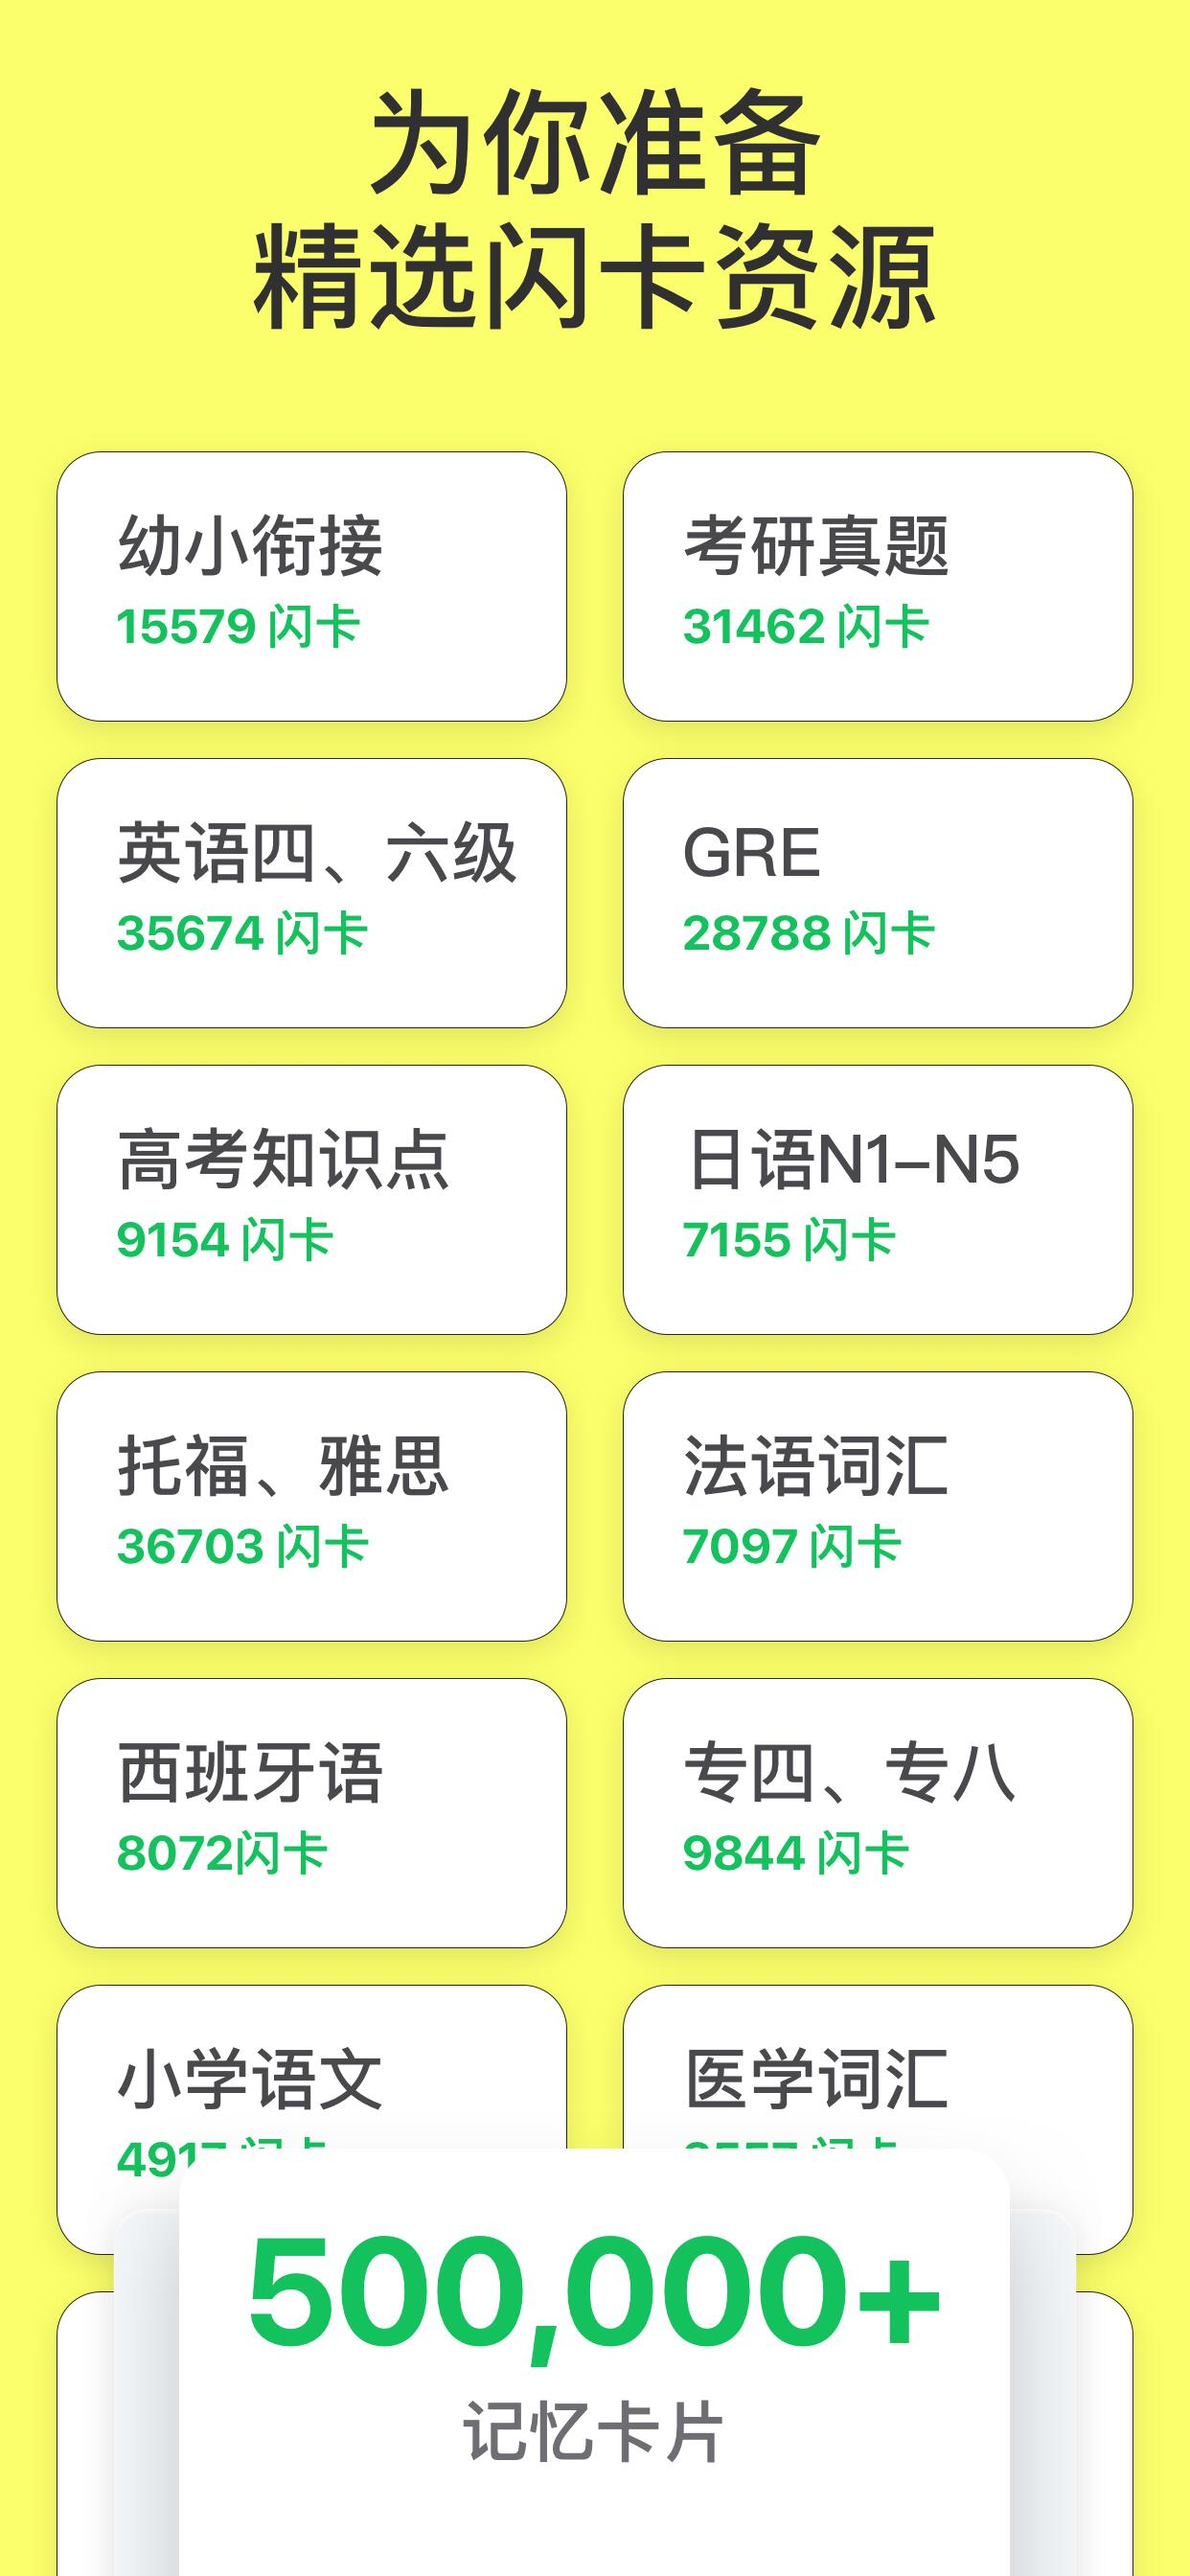 闪卡 - 卡片式记忆应用,自带 69 组海量学习卡片资源[iPhone/iPad/Mac] 1